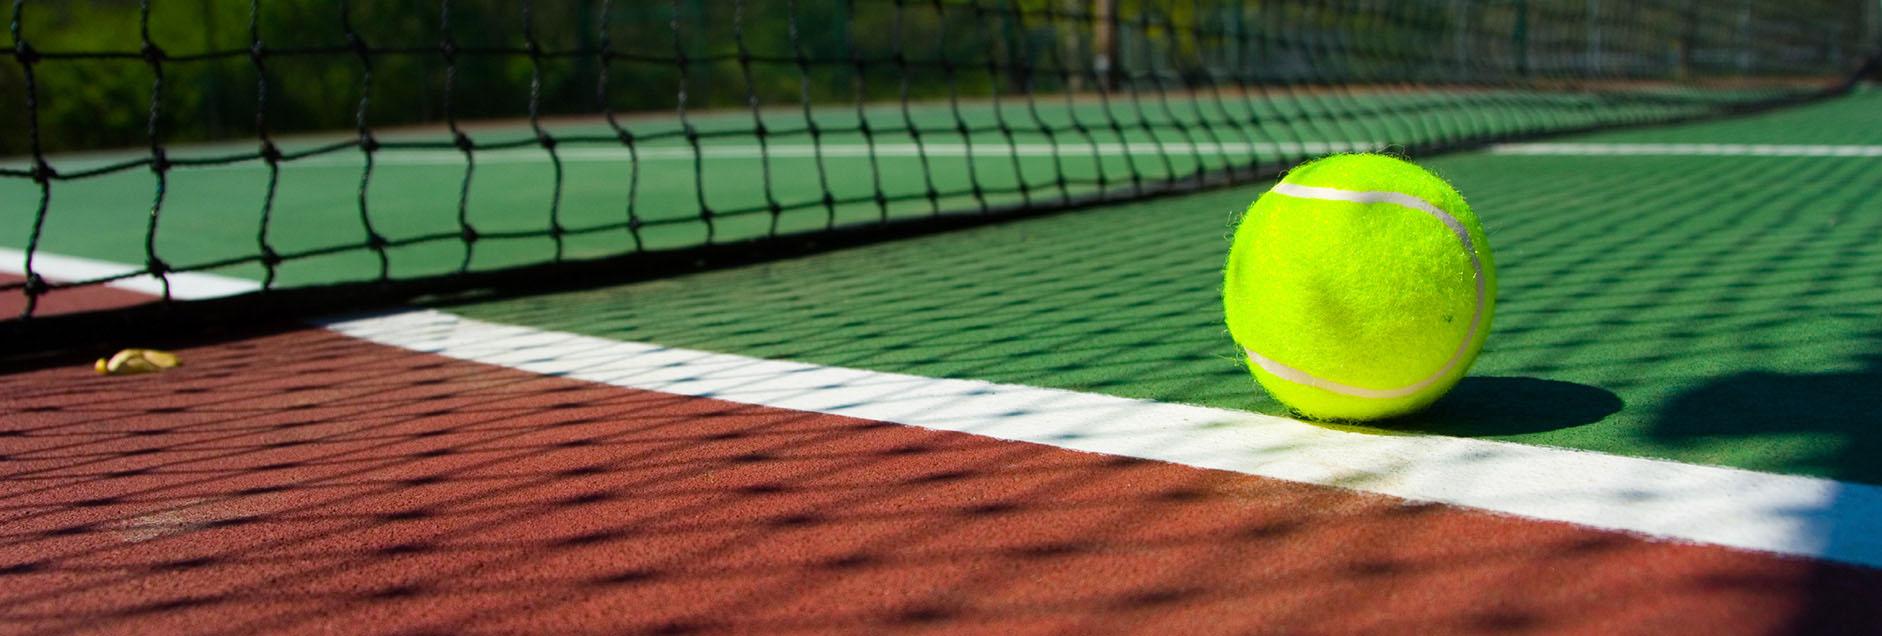 Tennis in Apeldoorn | Uitinapeldoorn